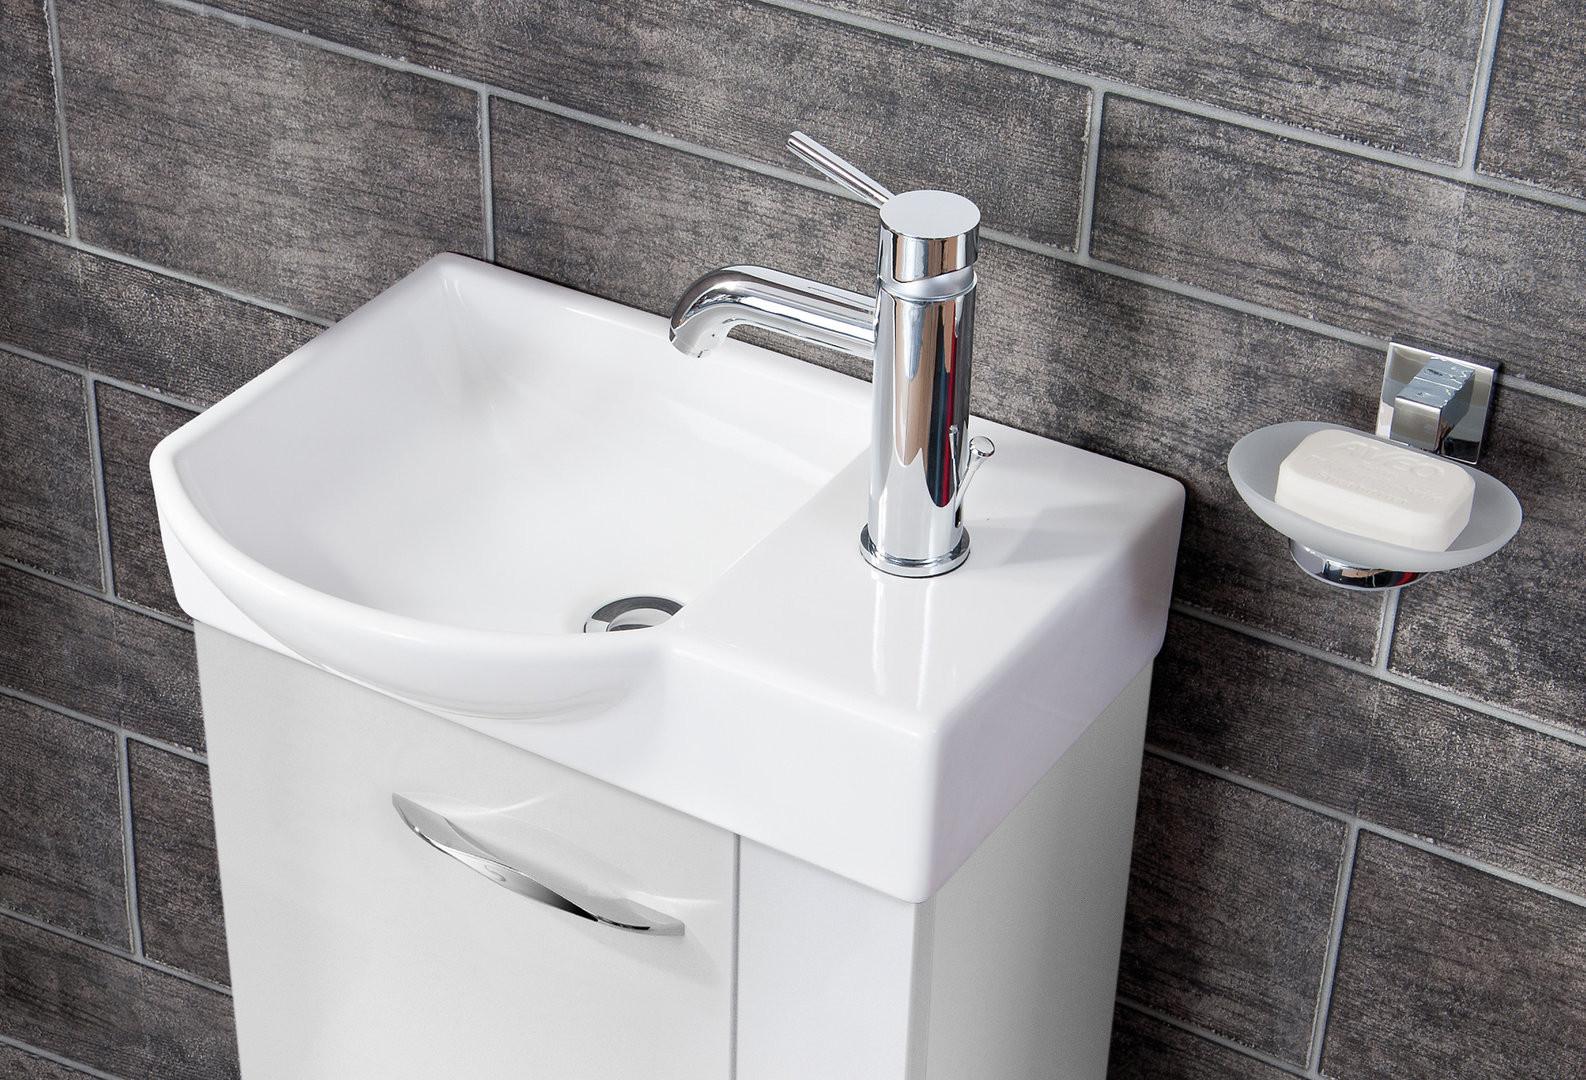 Gäste Wc Waschtisch  Fackelmann Sceno Gäste WC Waschtisch Unterschrank Korpus Weiß